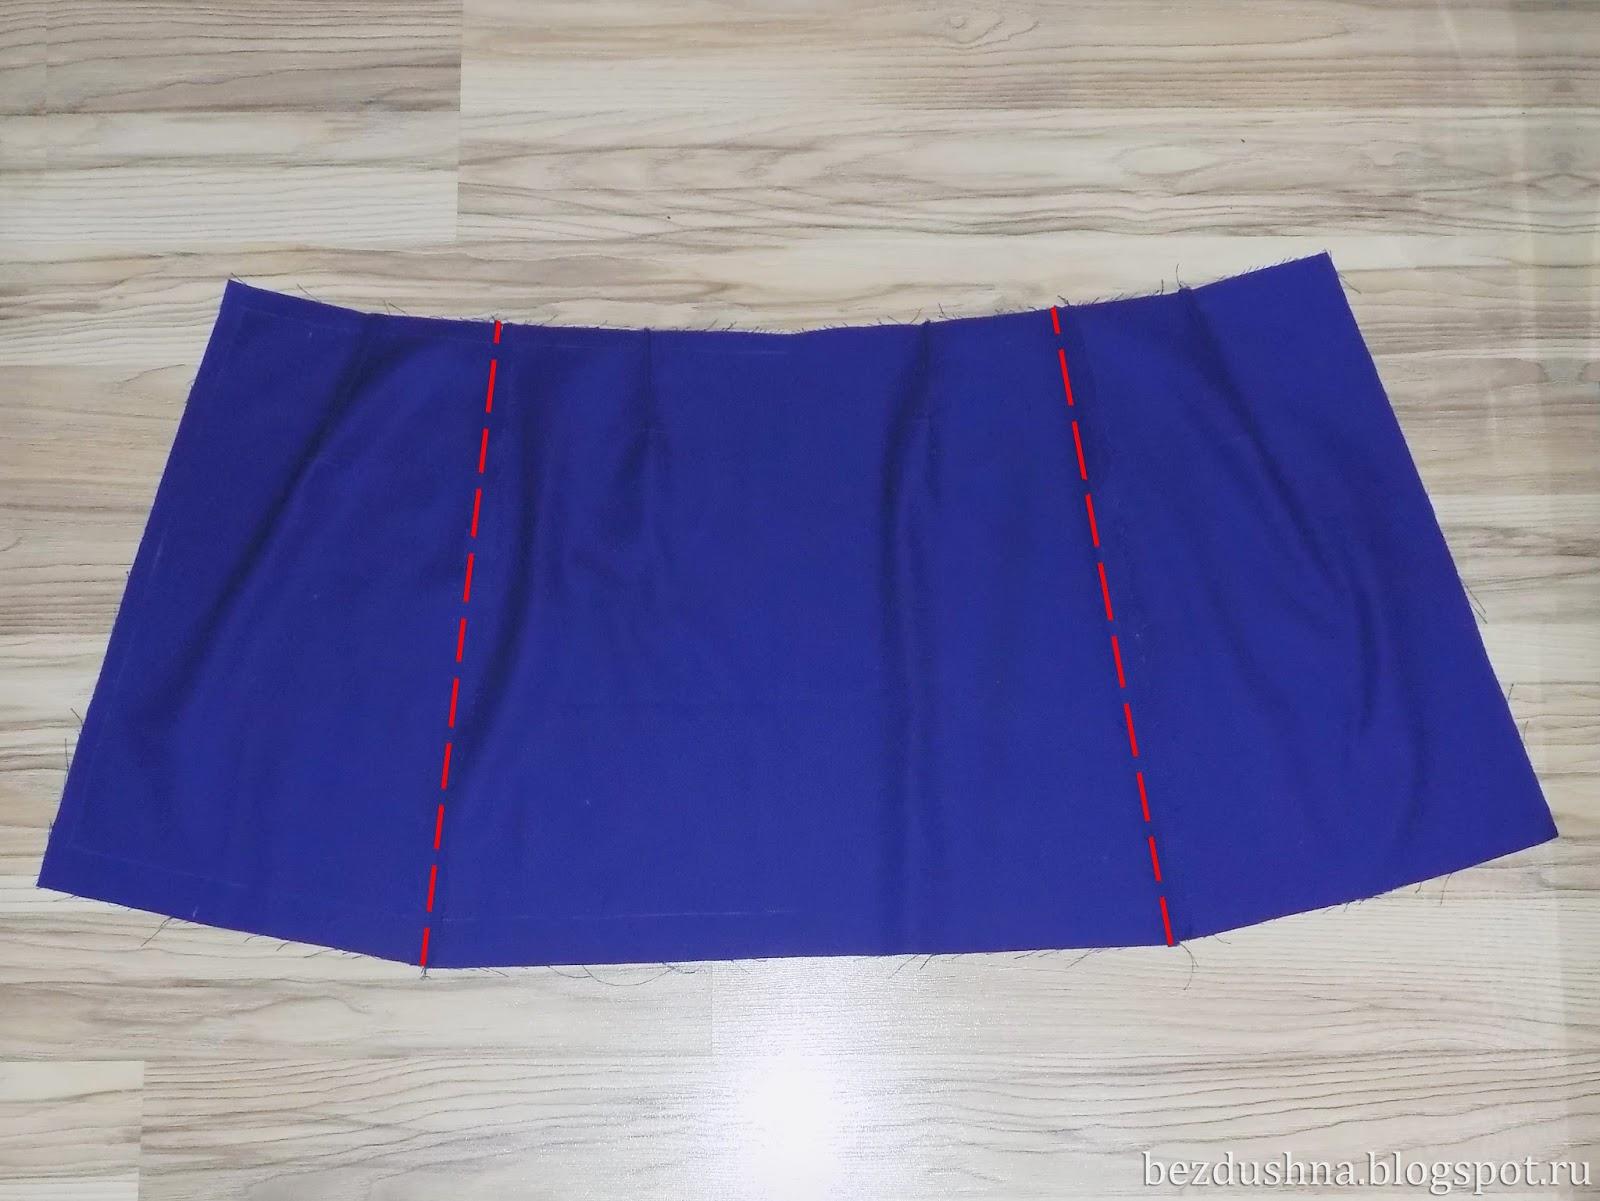 Шьем юбки своими руками. Длинная юбка или юбка-мини, юбка 21